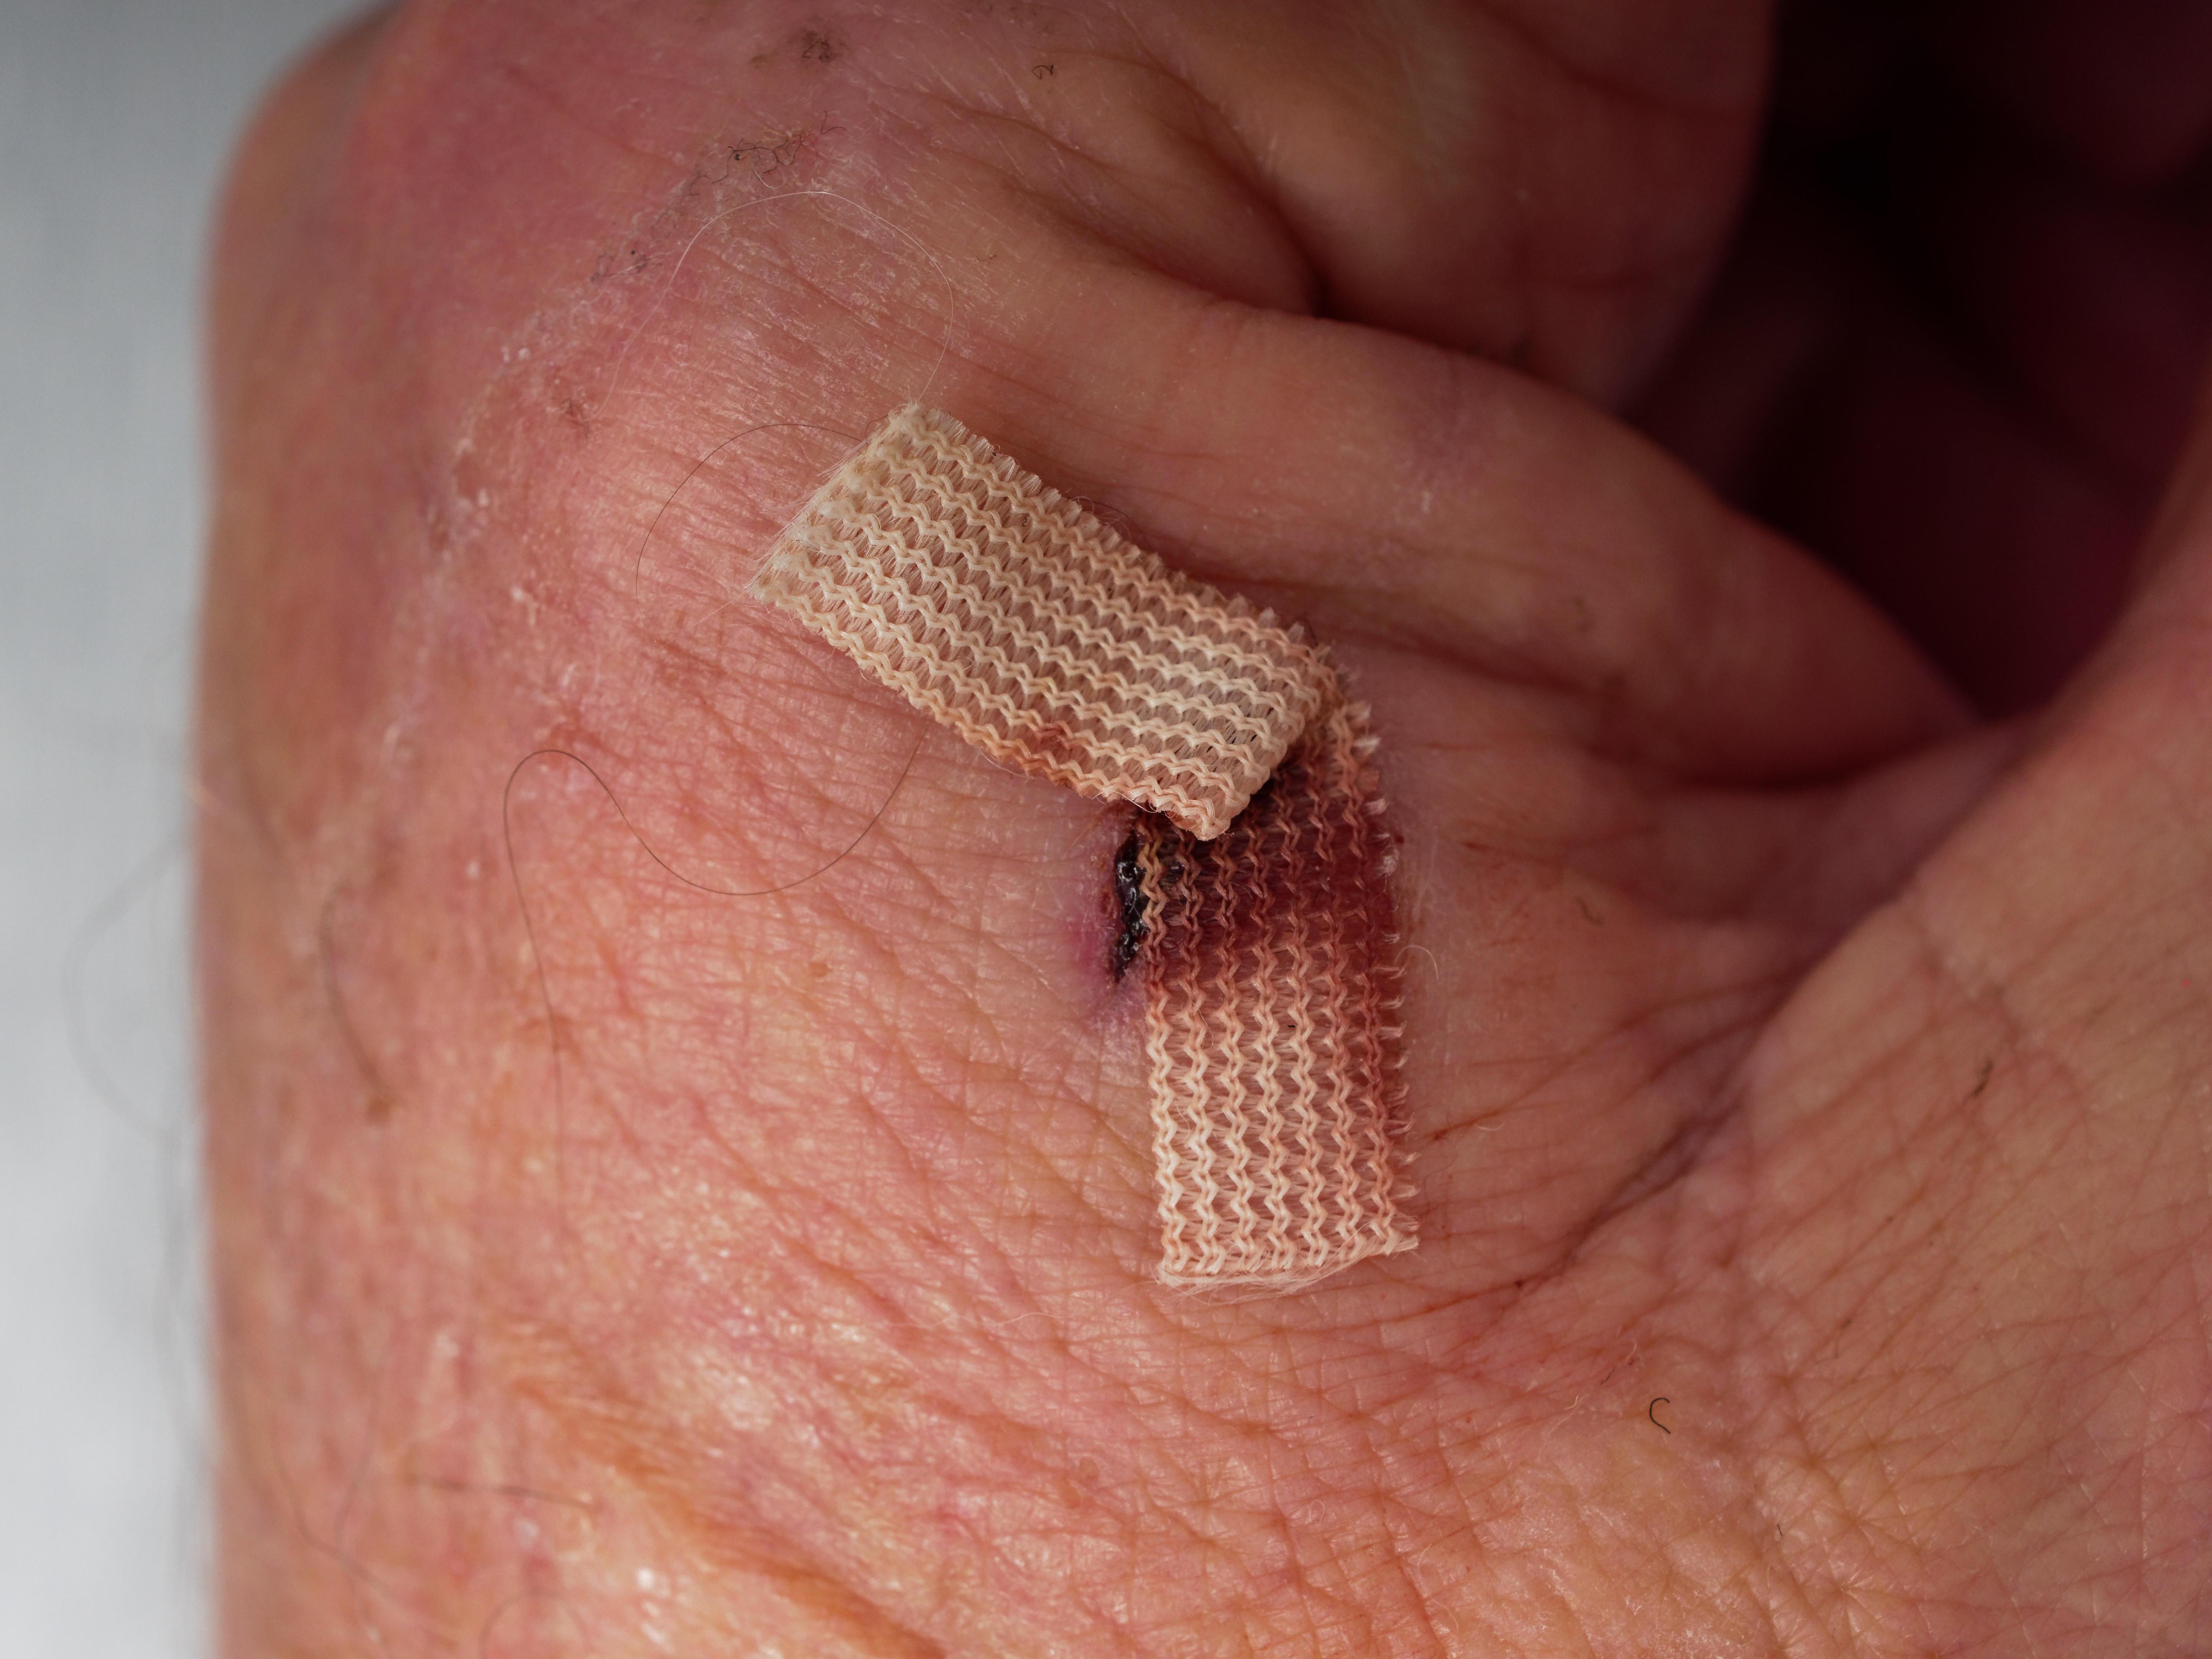 Hand-wound-3.jpeg